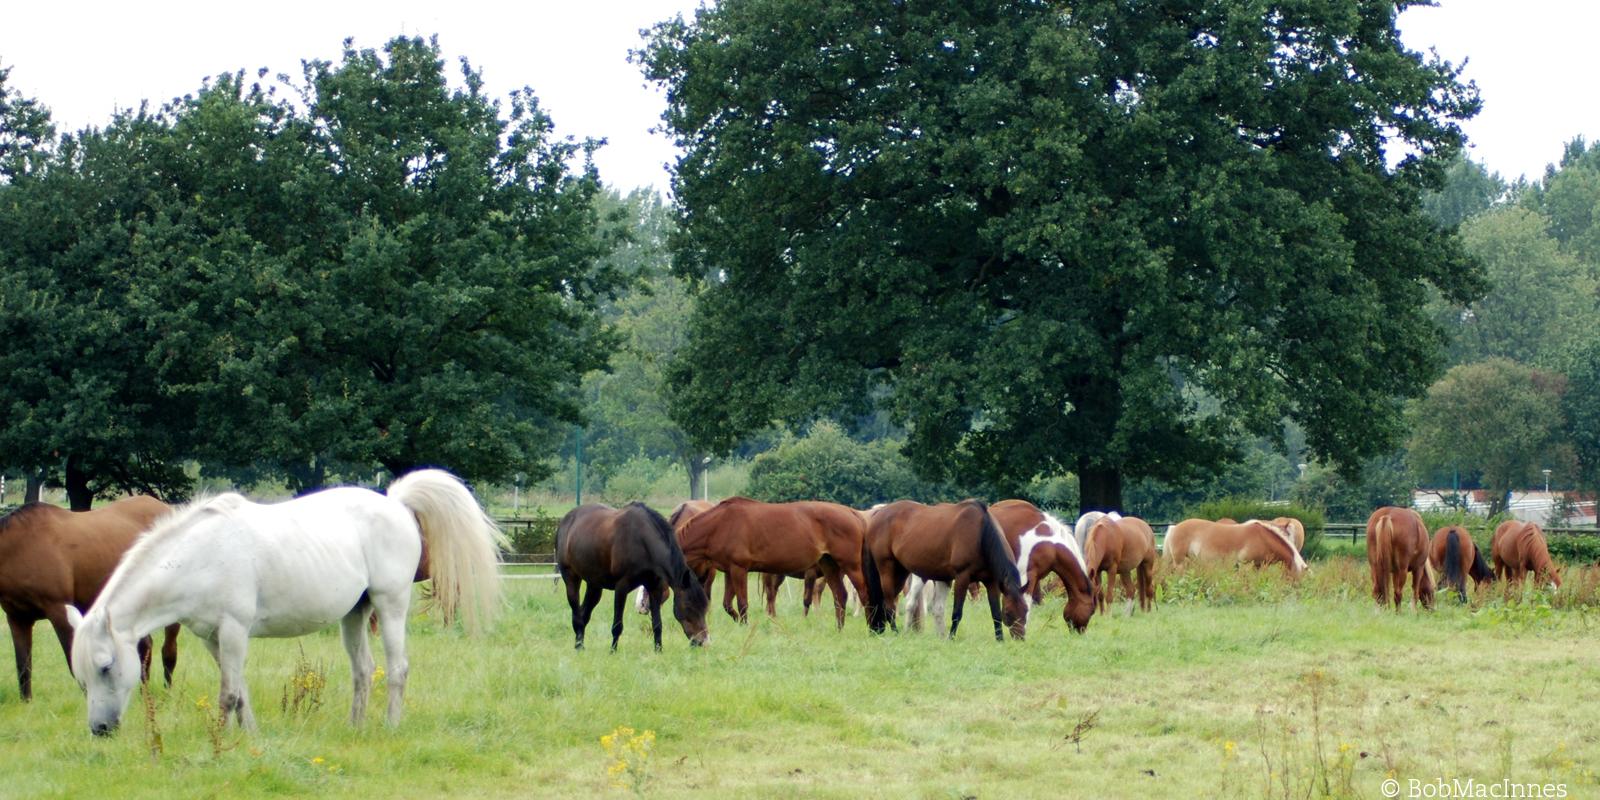 Pferde auf der Weide. Der Kontakt zu anderen Pferden ist wichtig für die Tiere.